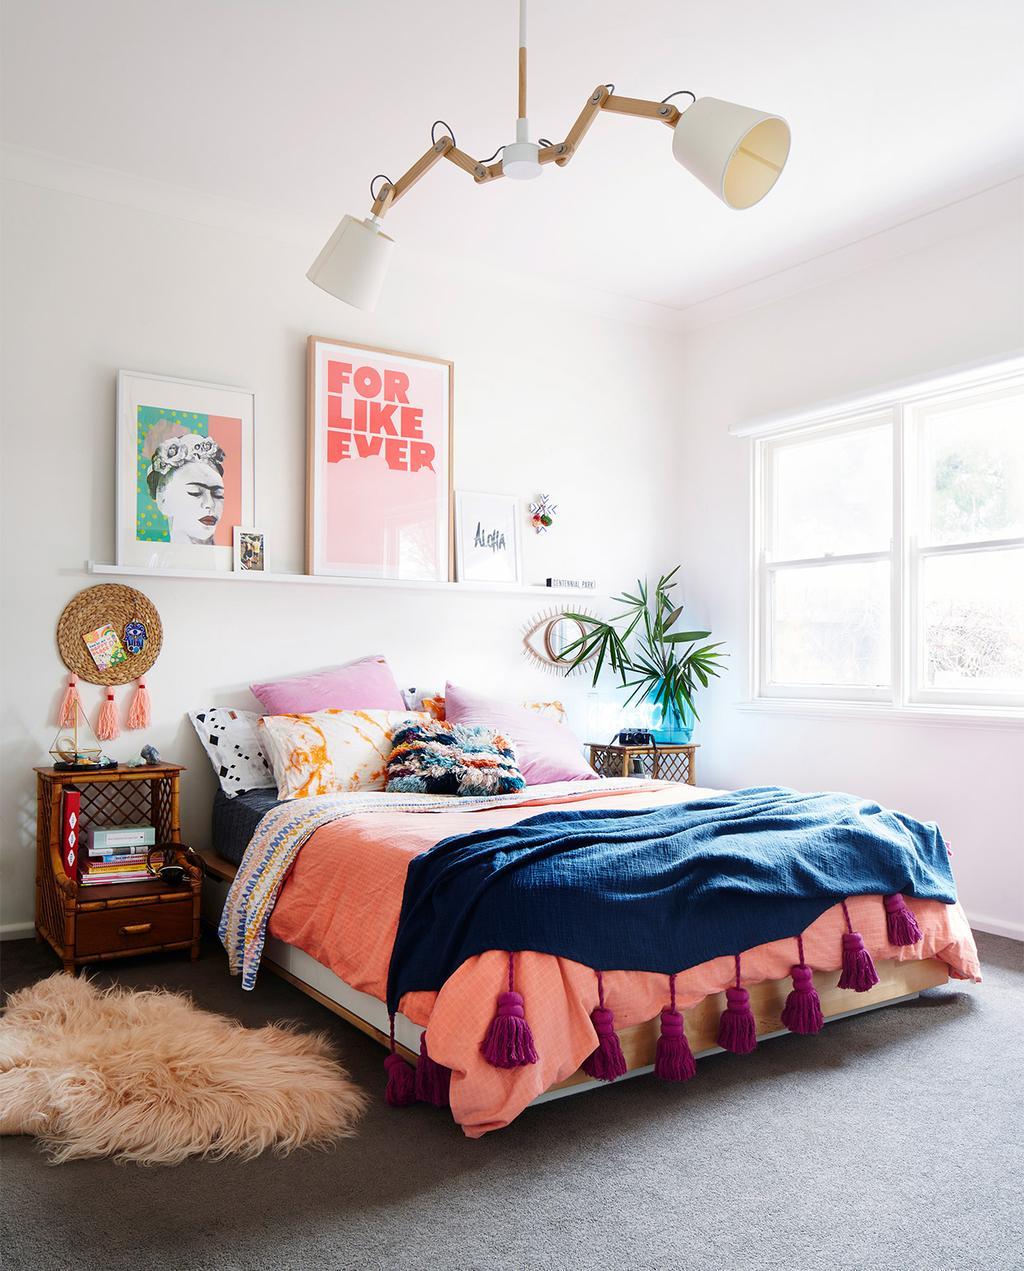 vtwonen binnenkijken special 07-2021 | slaapkamer met tweepersoonsbed en een blauw plaid, met twee posters: een met Frida, en een met een quote